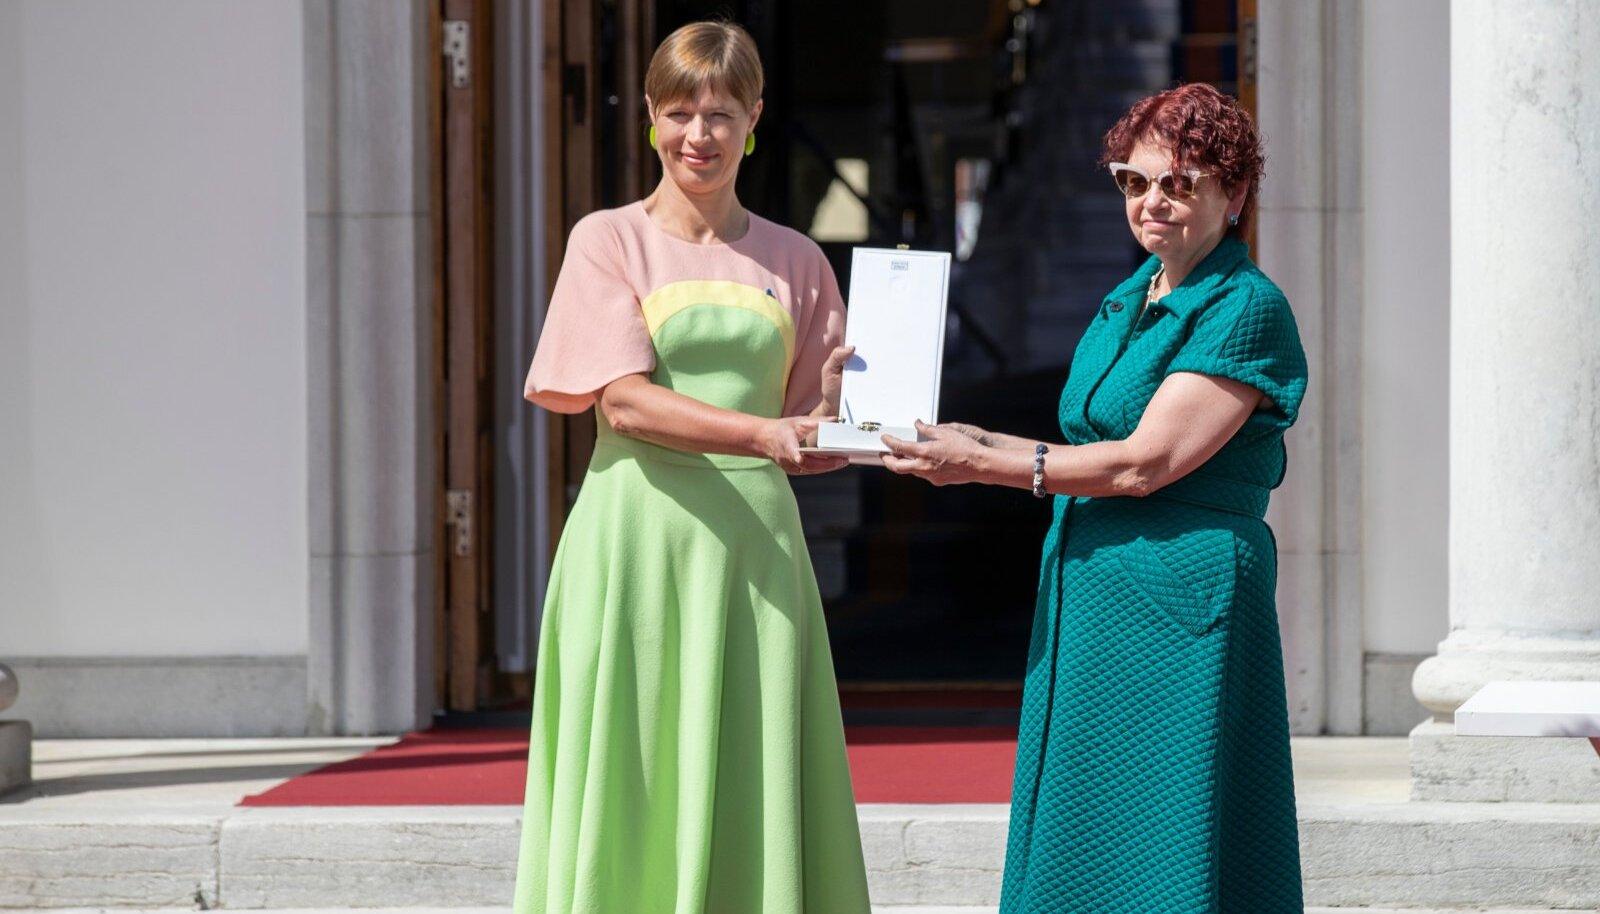 """President ja viroloog Irja Lutsar """"Eesti tänab"""" üritusel tänavu juunis. Kersti Kaljulaidile oma välimusest ja riietest rääkida ei meeldi, kuid pidev kodumaiste rõivakunstnike toetamine tekitab moeringkonnas alati elevust."""